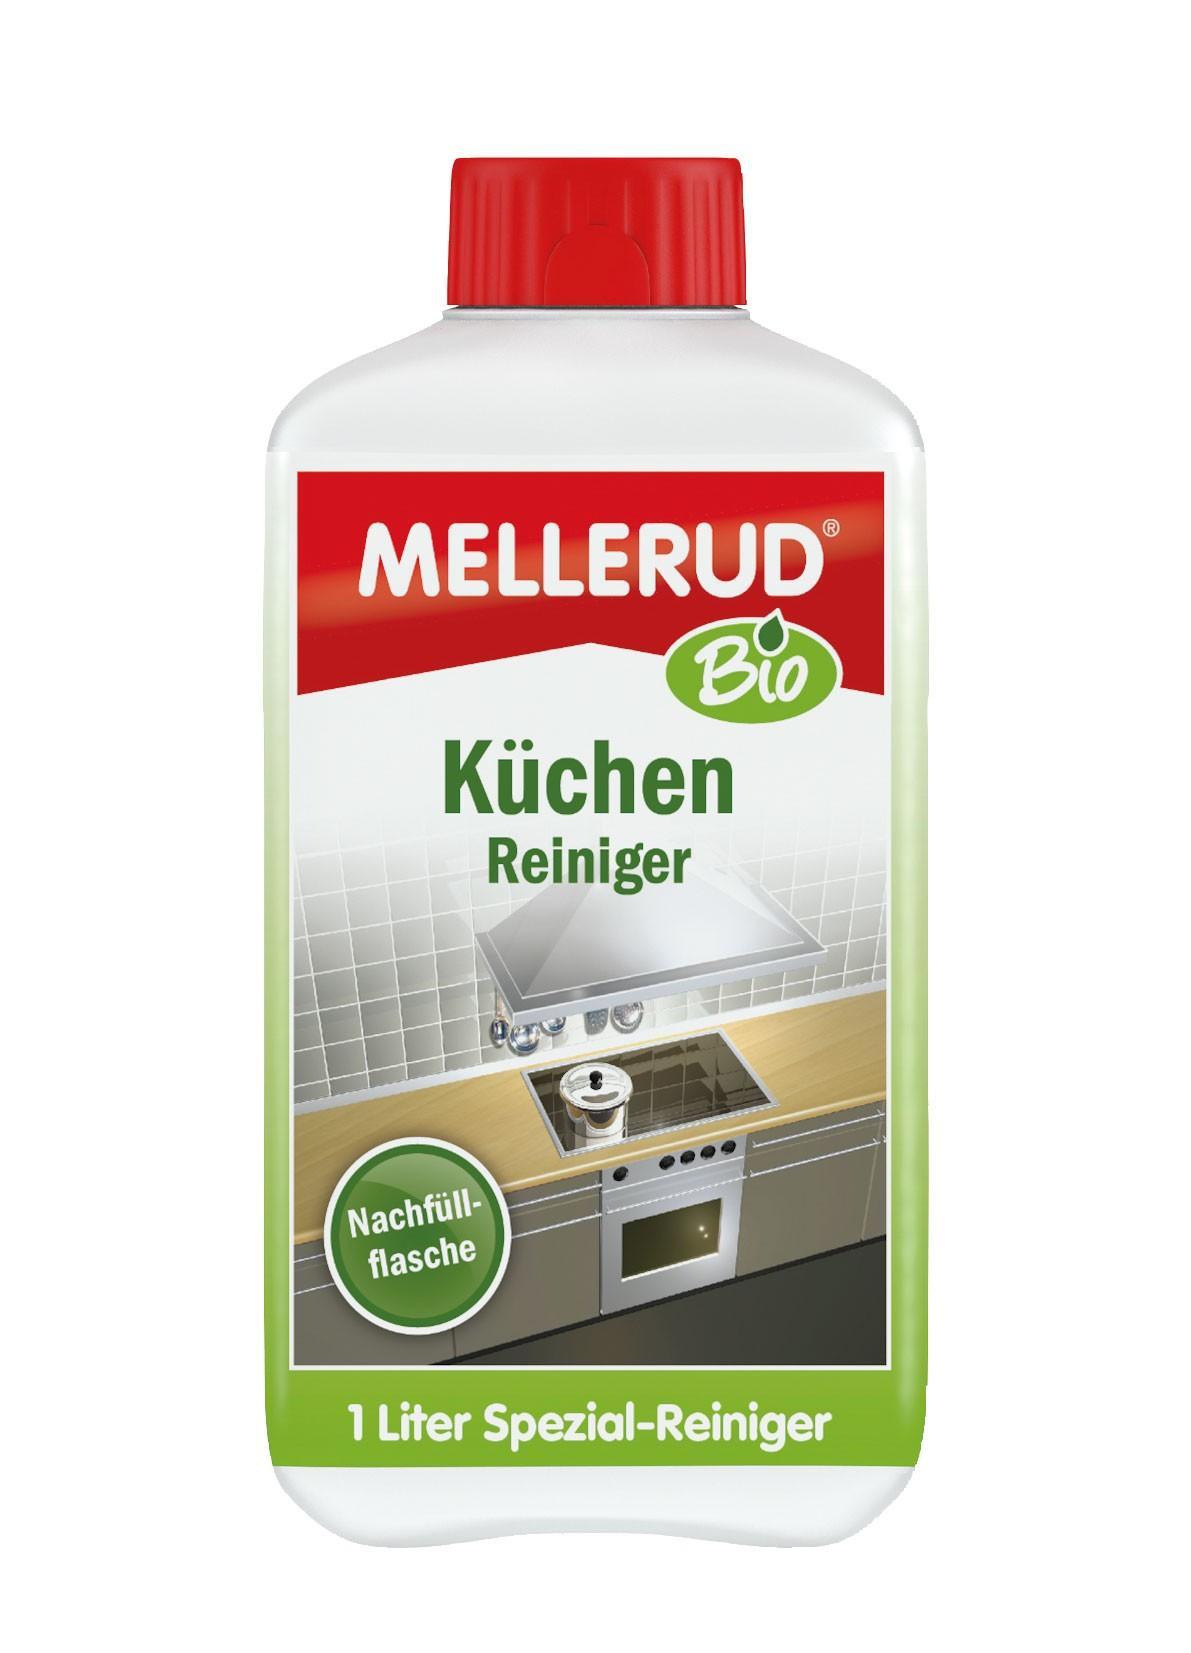 MELLERUD BIO Küchen Reiniger 1 Liter Bild 1